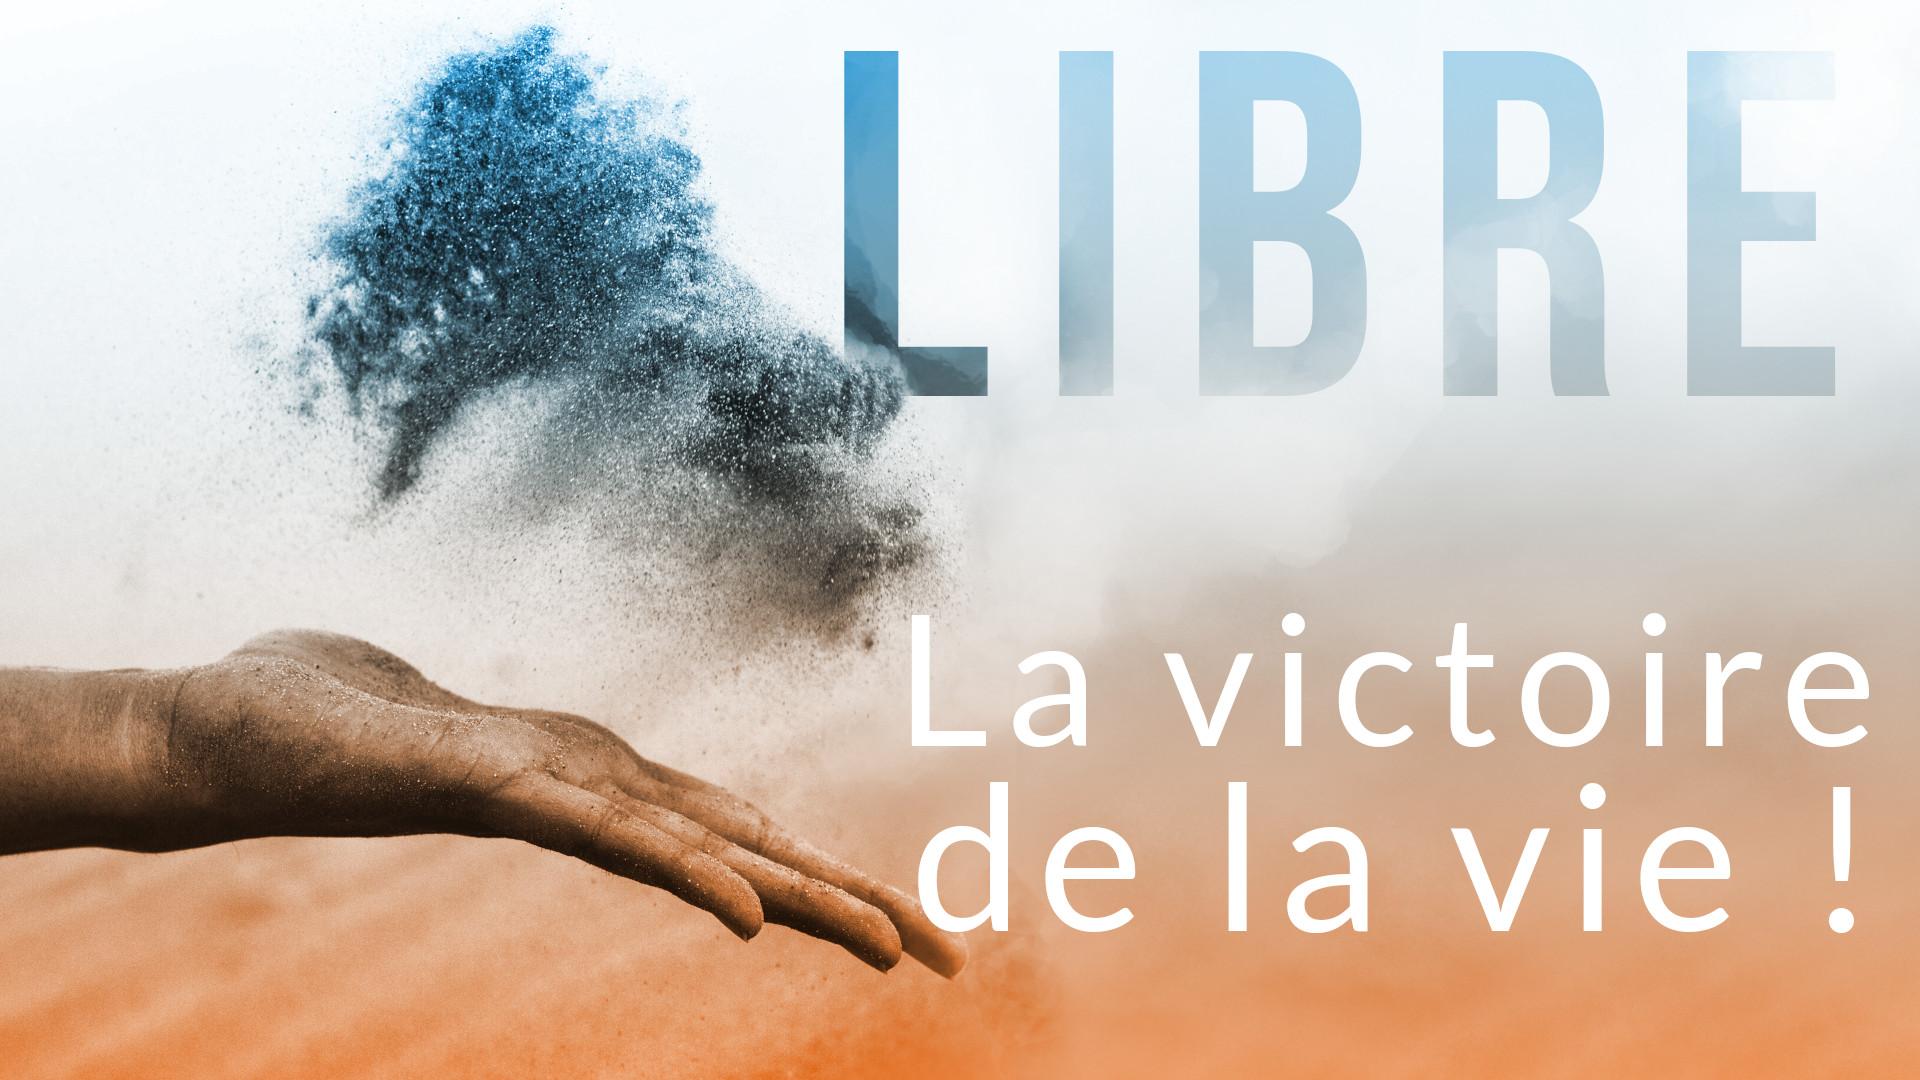 La victoire de la vie !